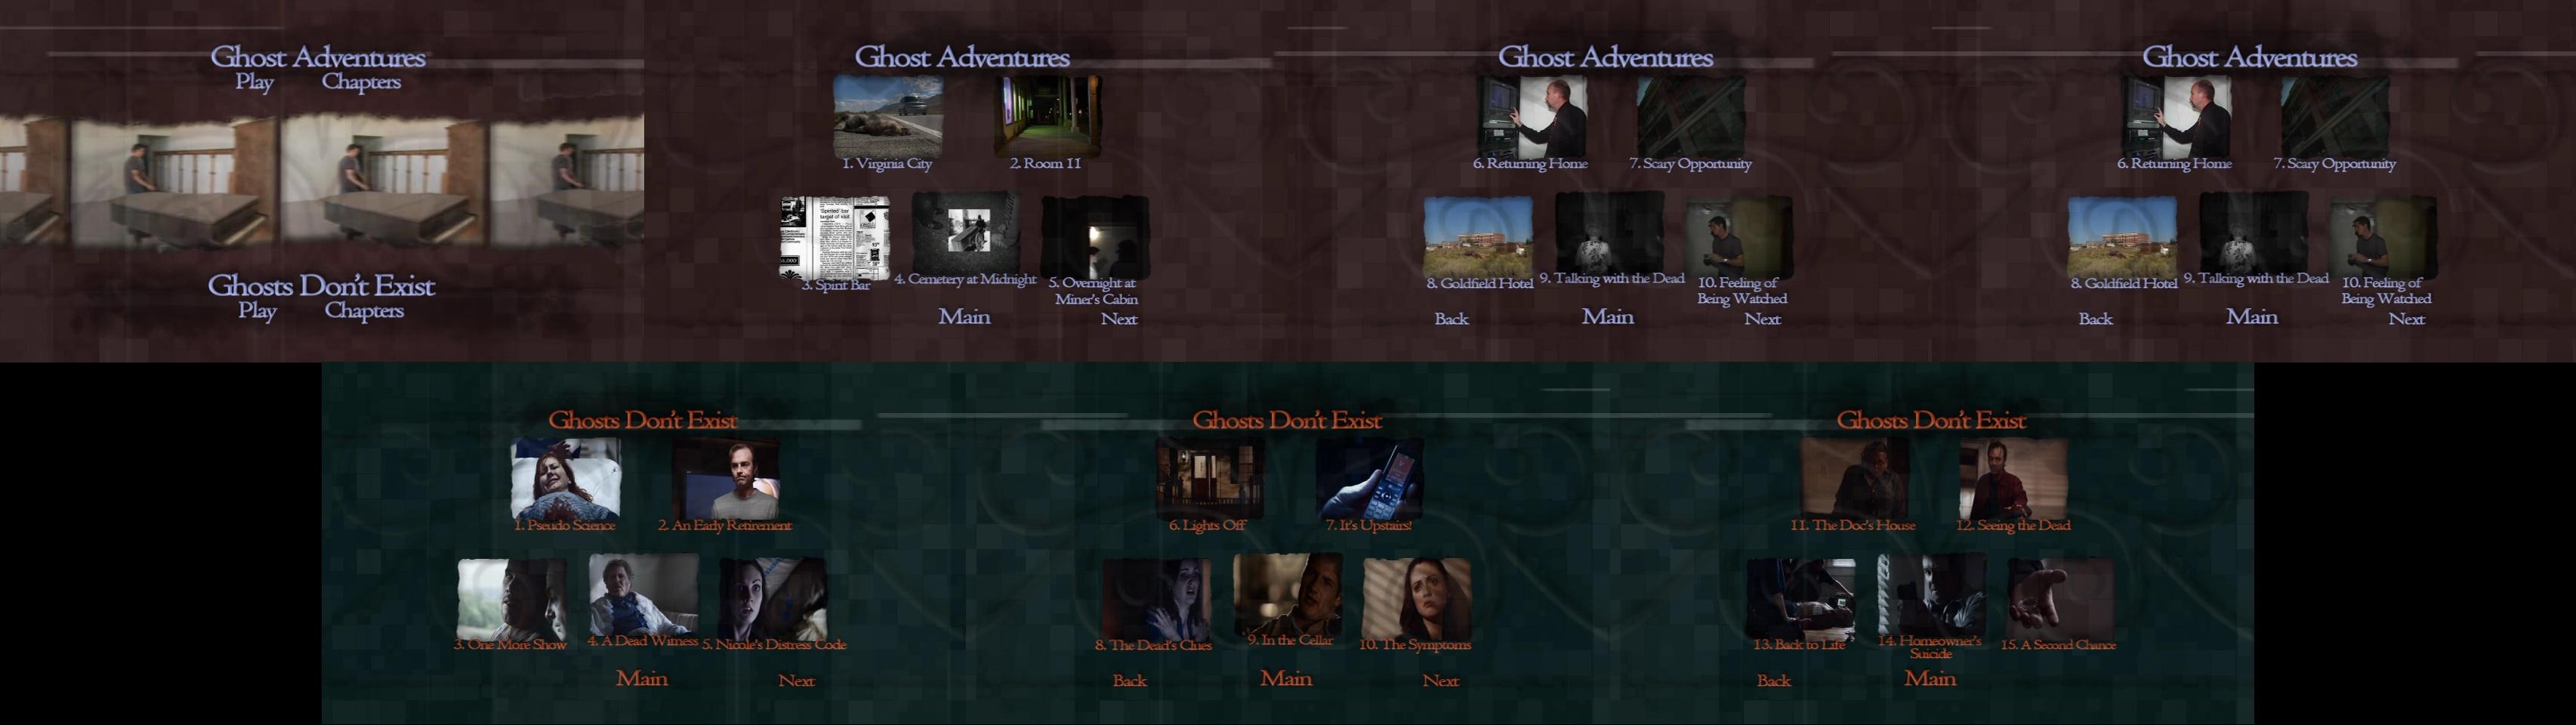 Ghost Adventures (Documentary) DVD Menus